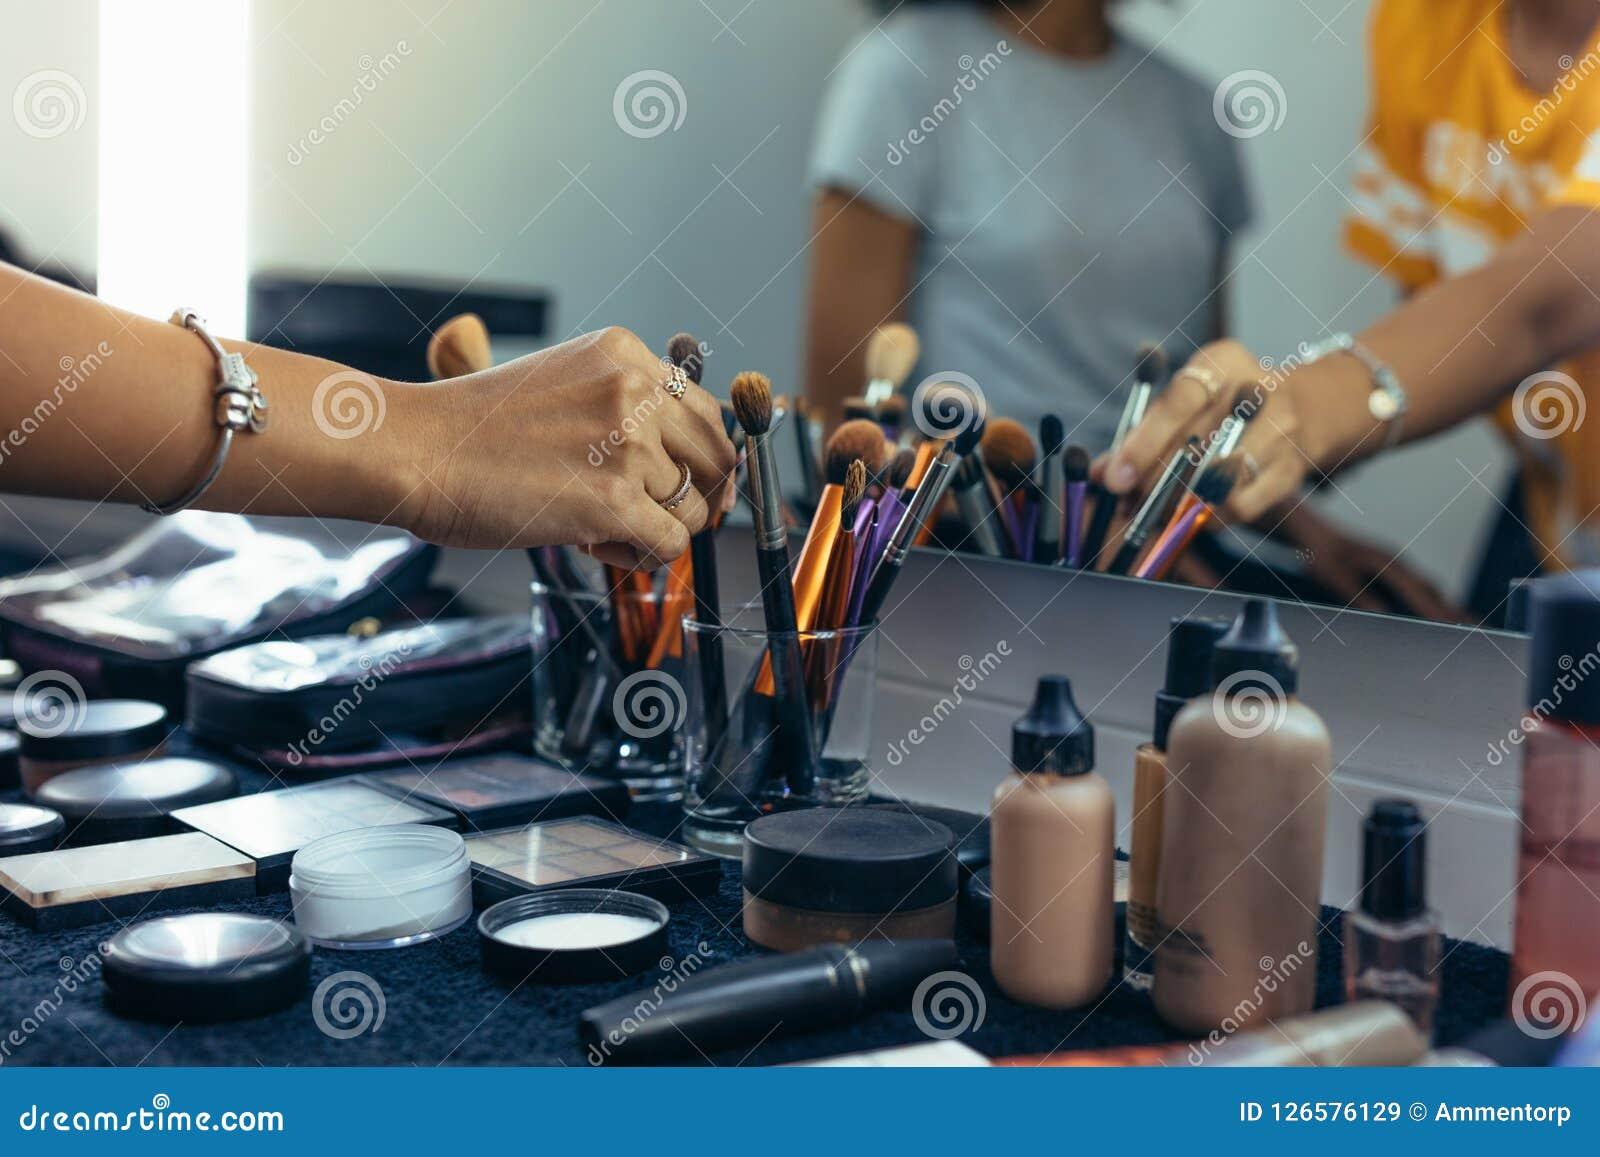 Stäng sig upp av makeupobjekten på en tabell